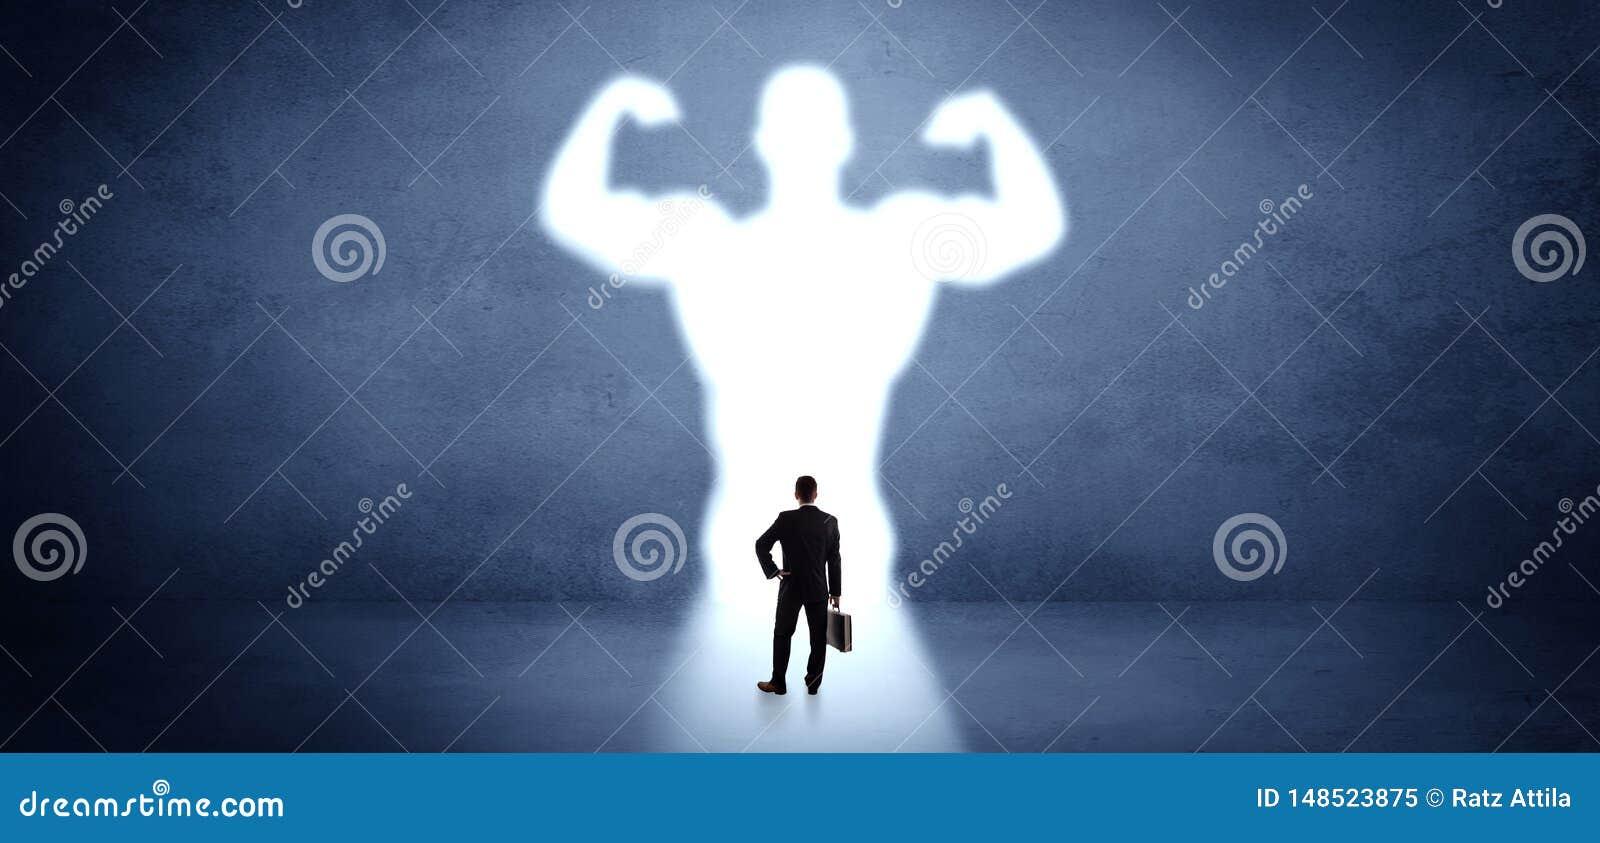 Επιχειρηματίας που στέκεται μπροστά από ένα ισχυρό όραμα ηρώων